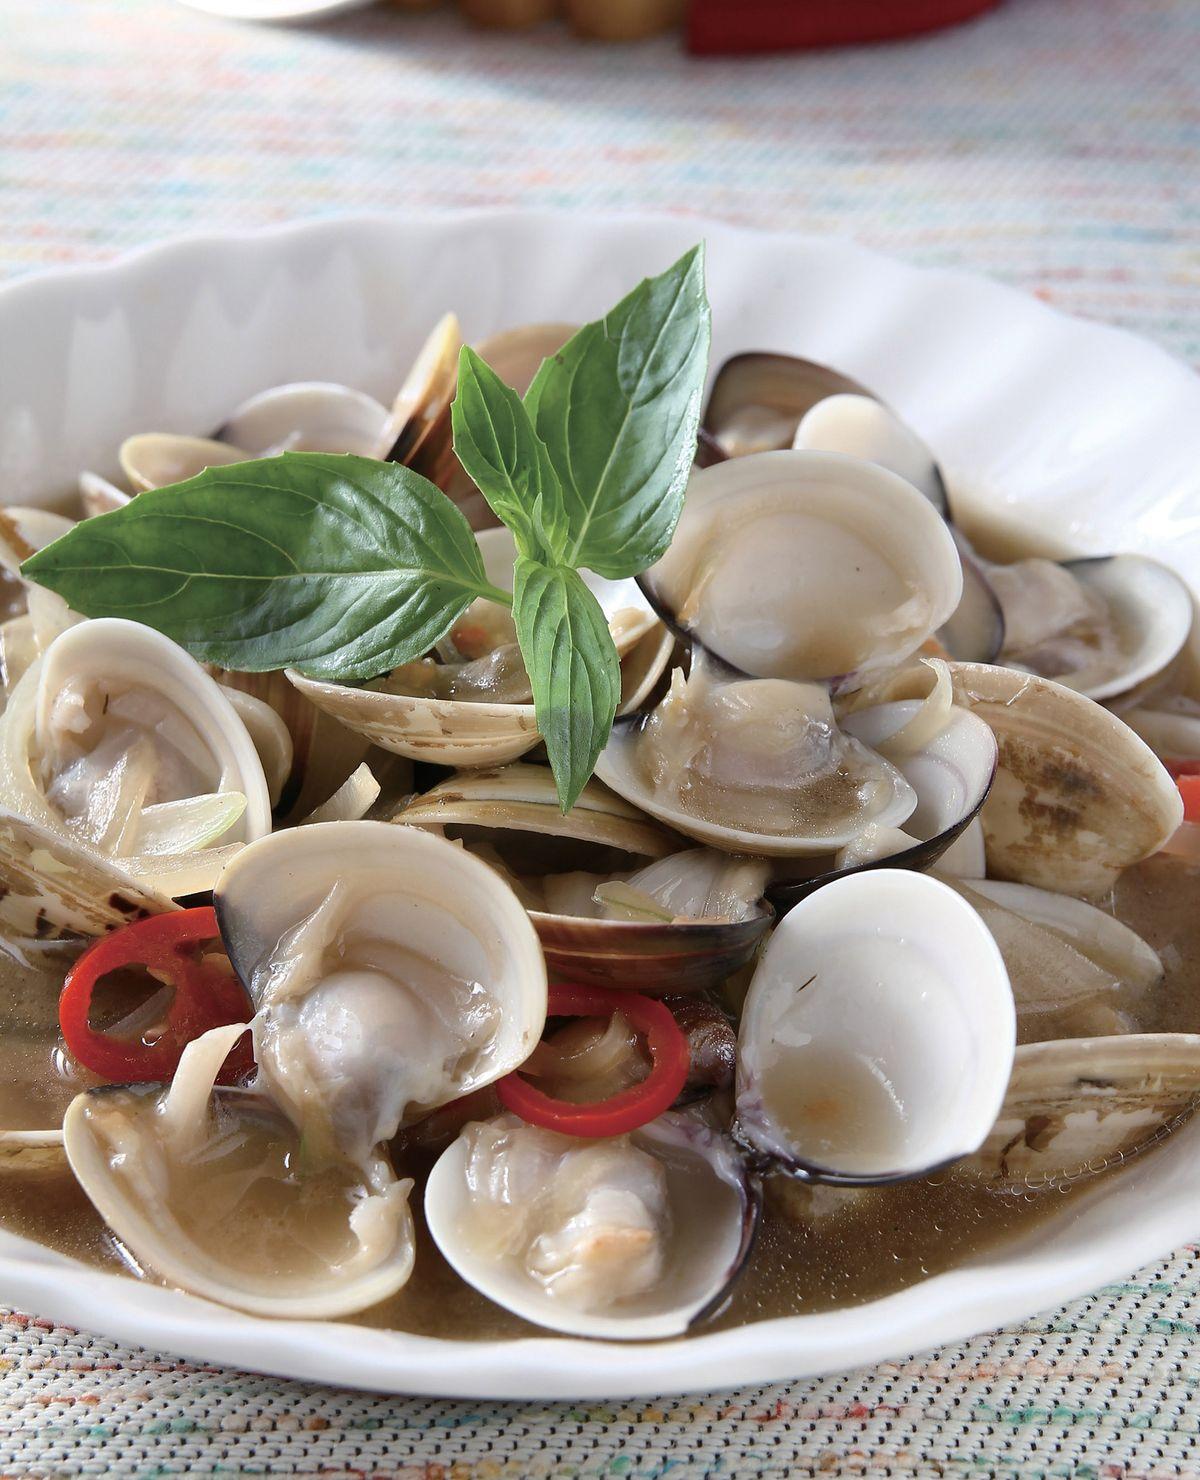 食譜:洋蔥炒蛤蜊